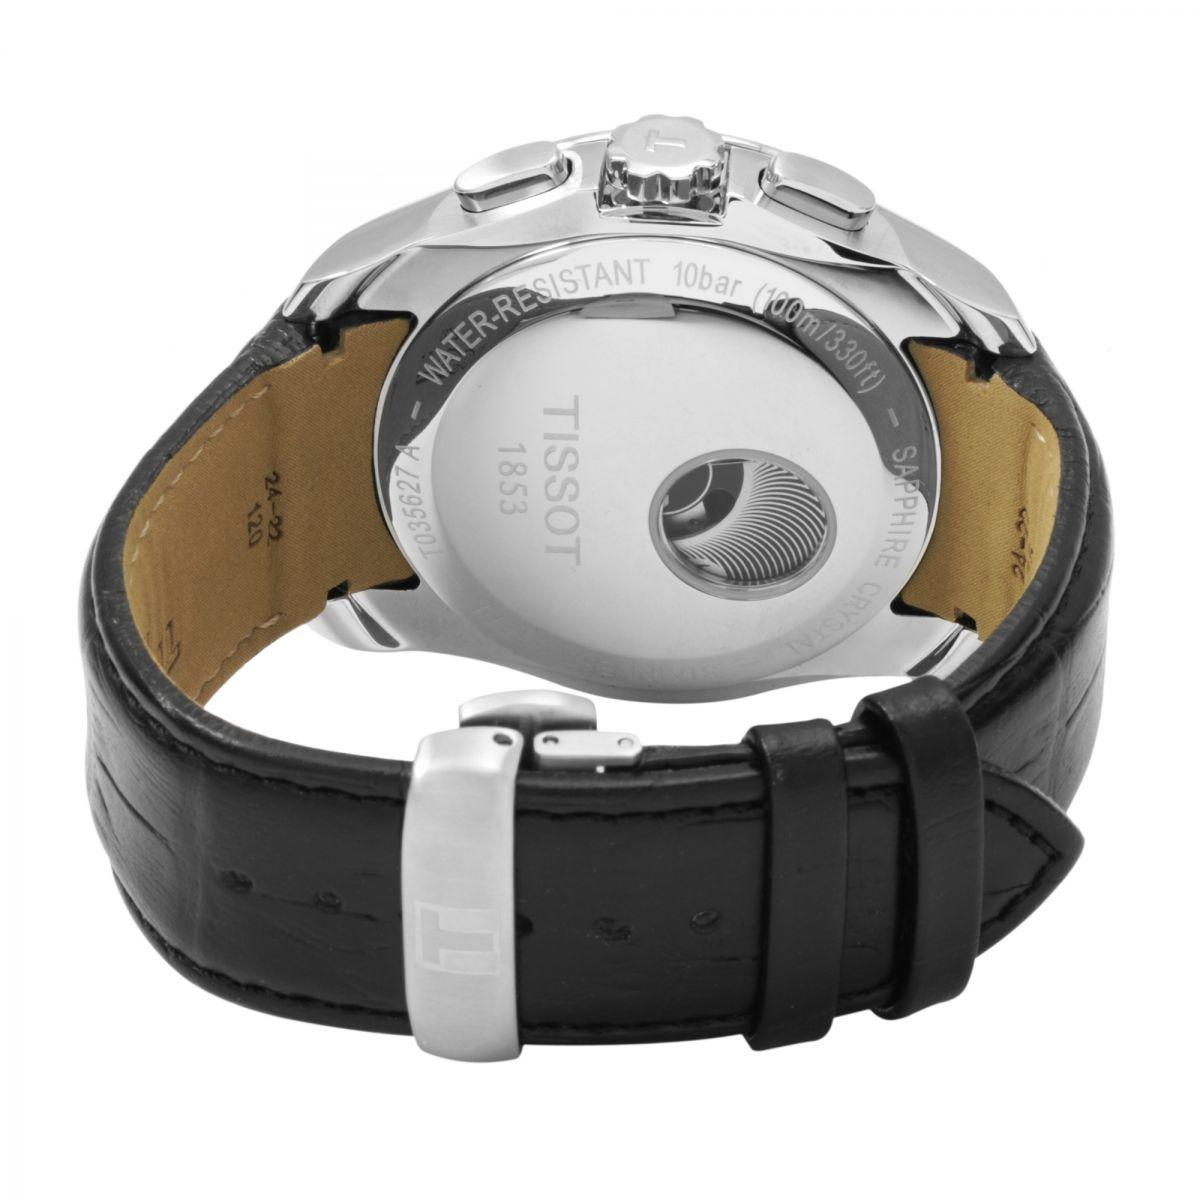 Tissot watch 0356271605100